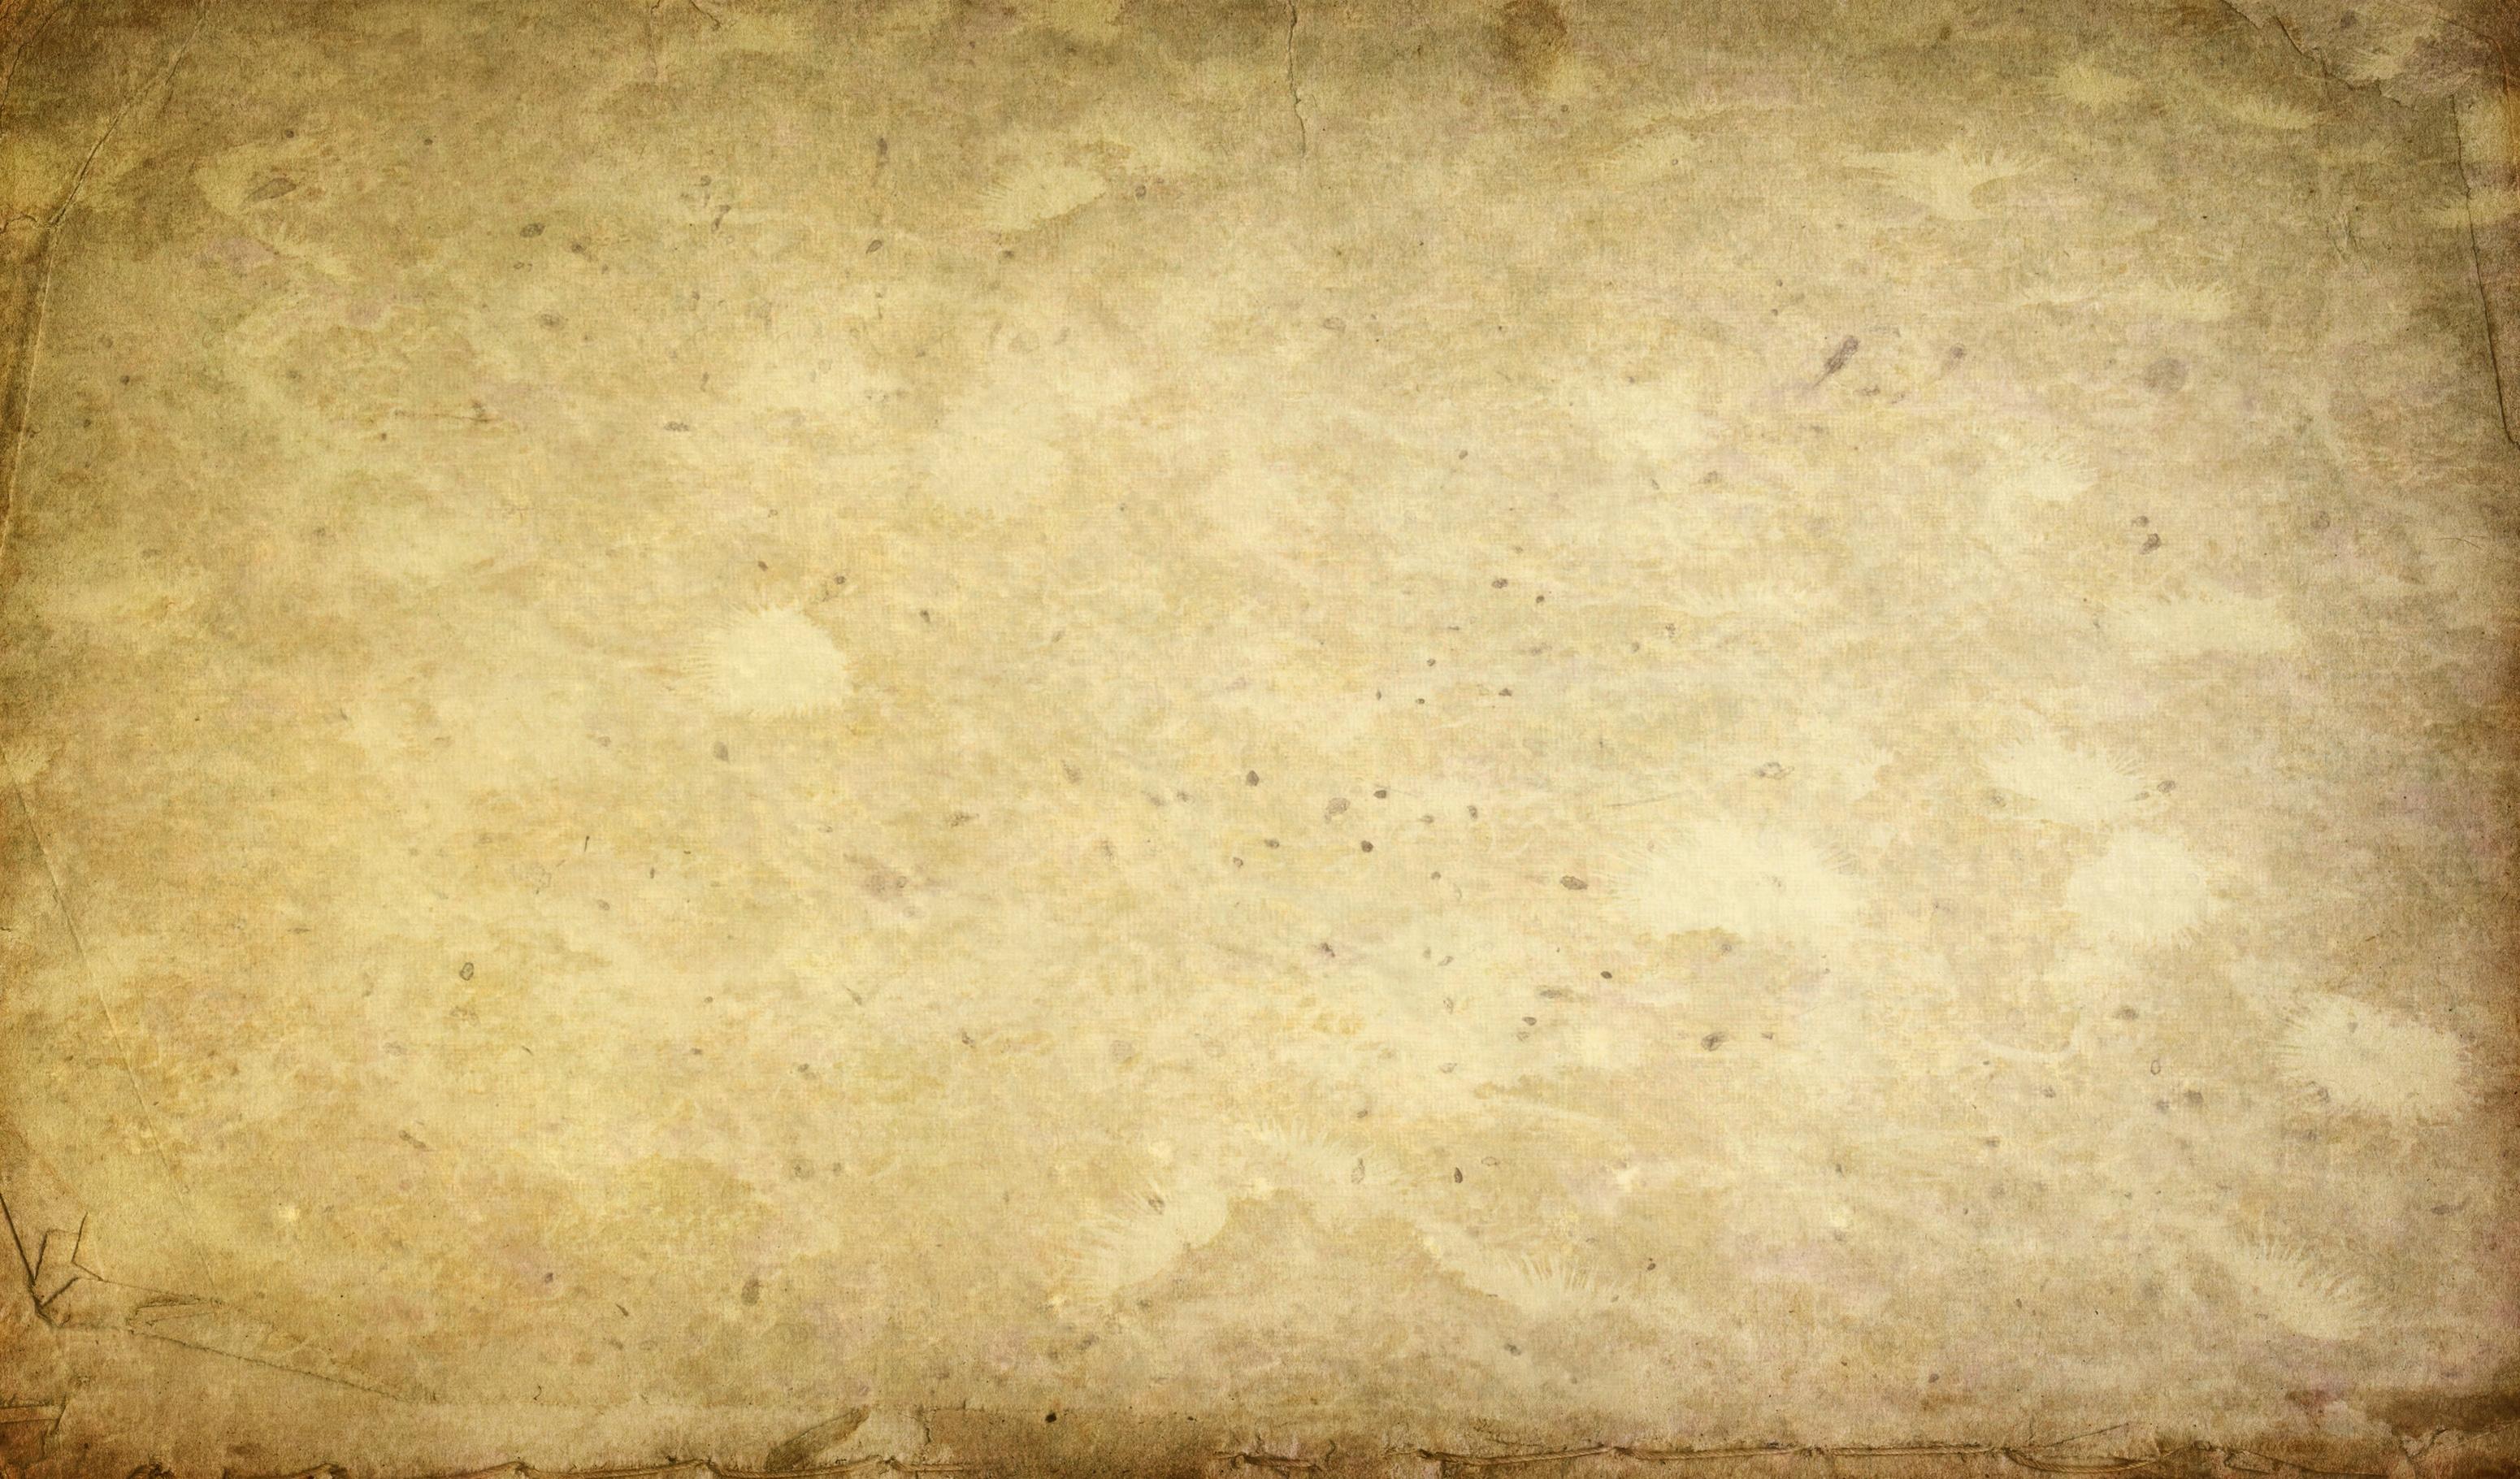 Background giấy cũ chất lượng cao